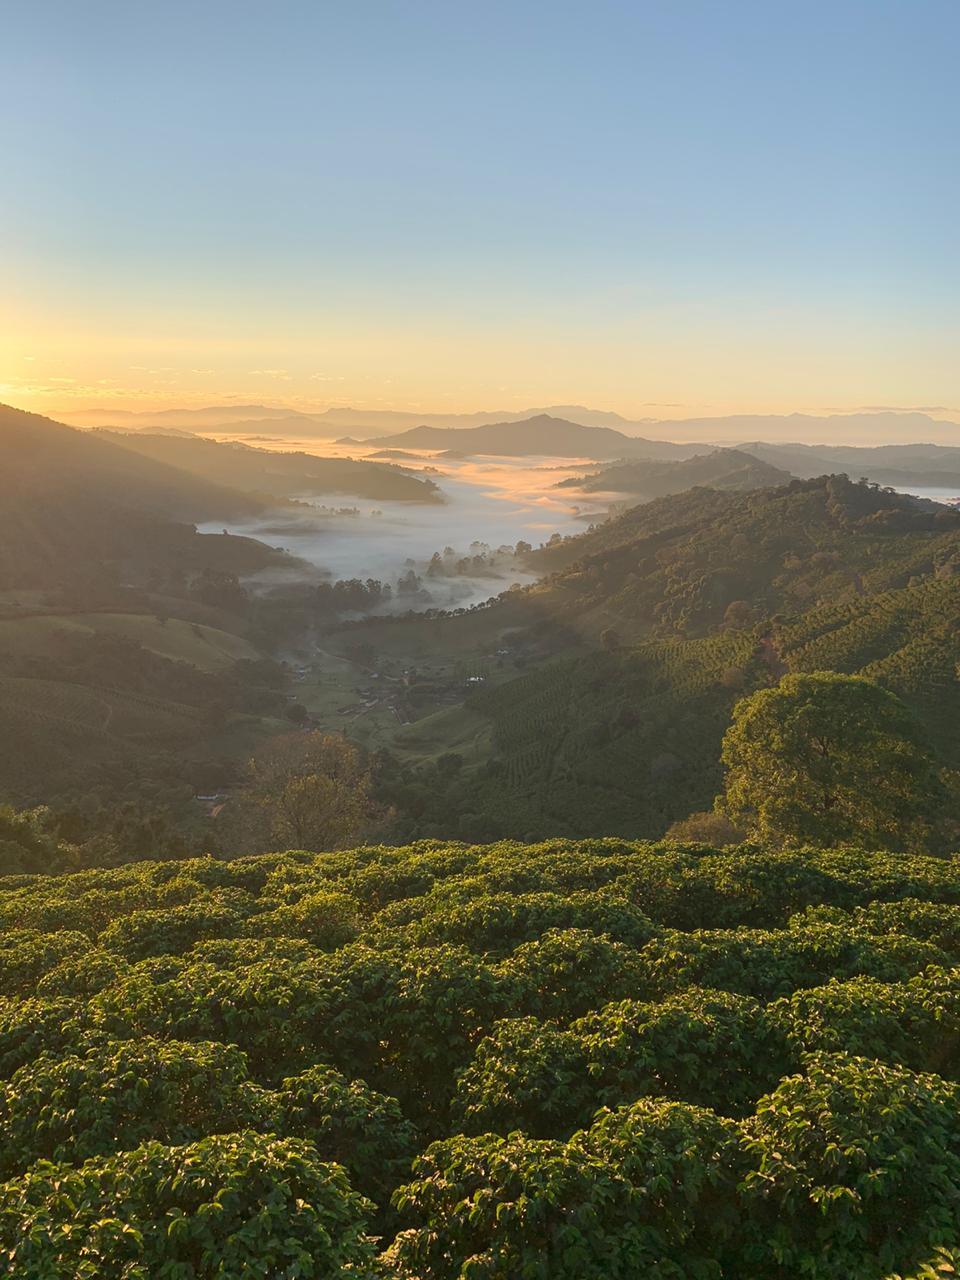 Coffee grown in the valleys between hills.